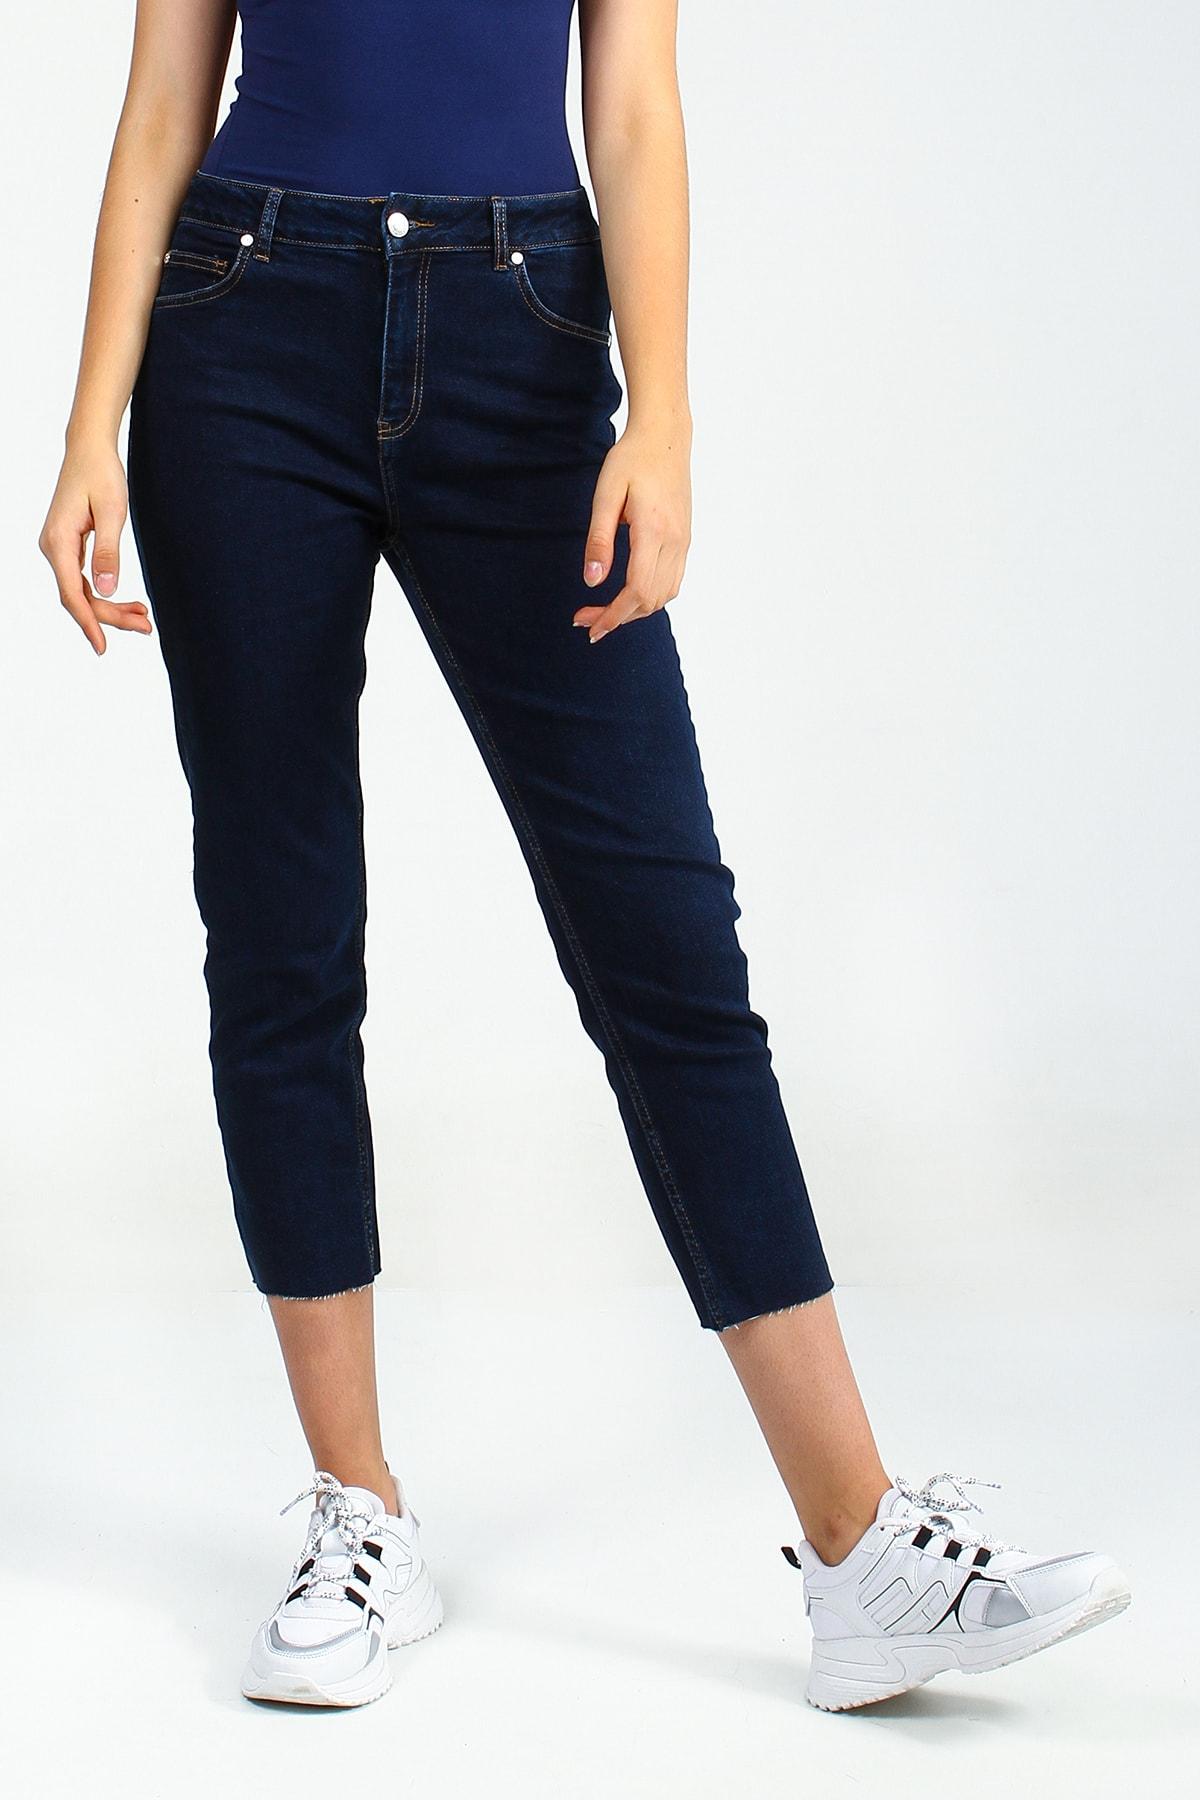 Collezione Koyu Mavi Kadın Denim Pantolon 1